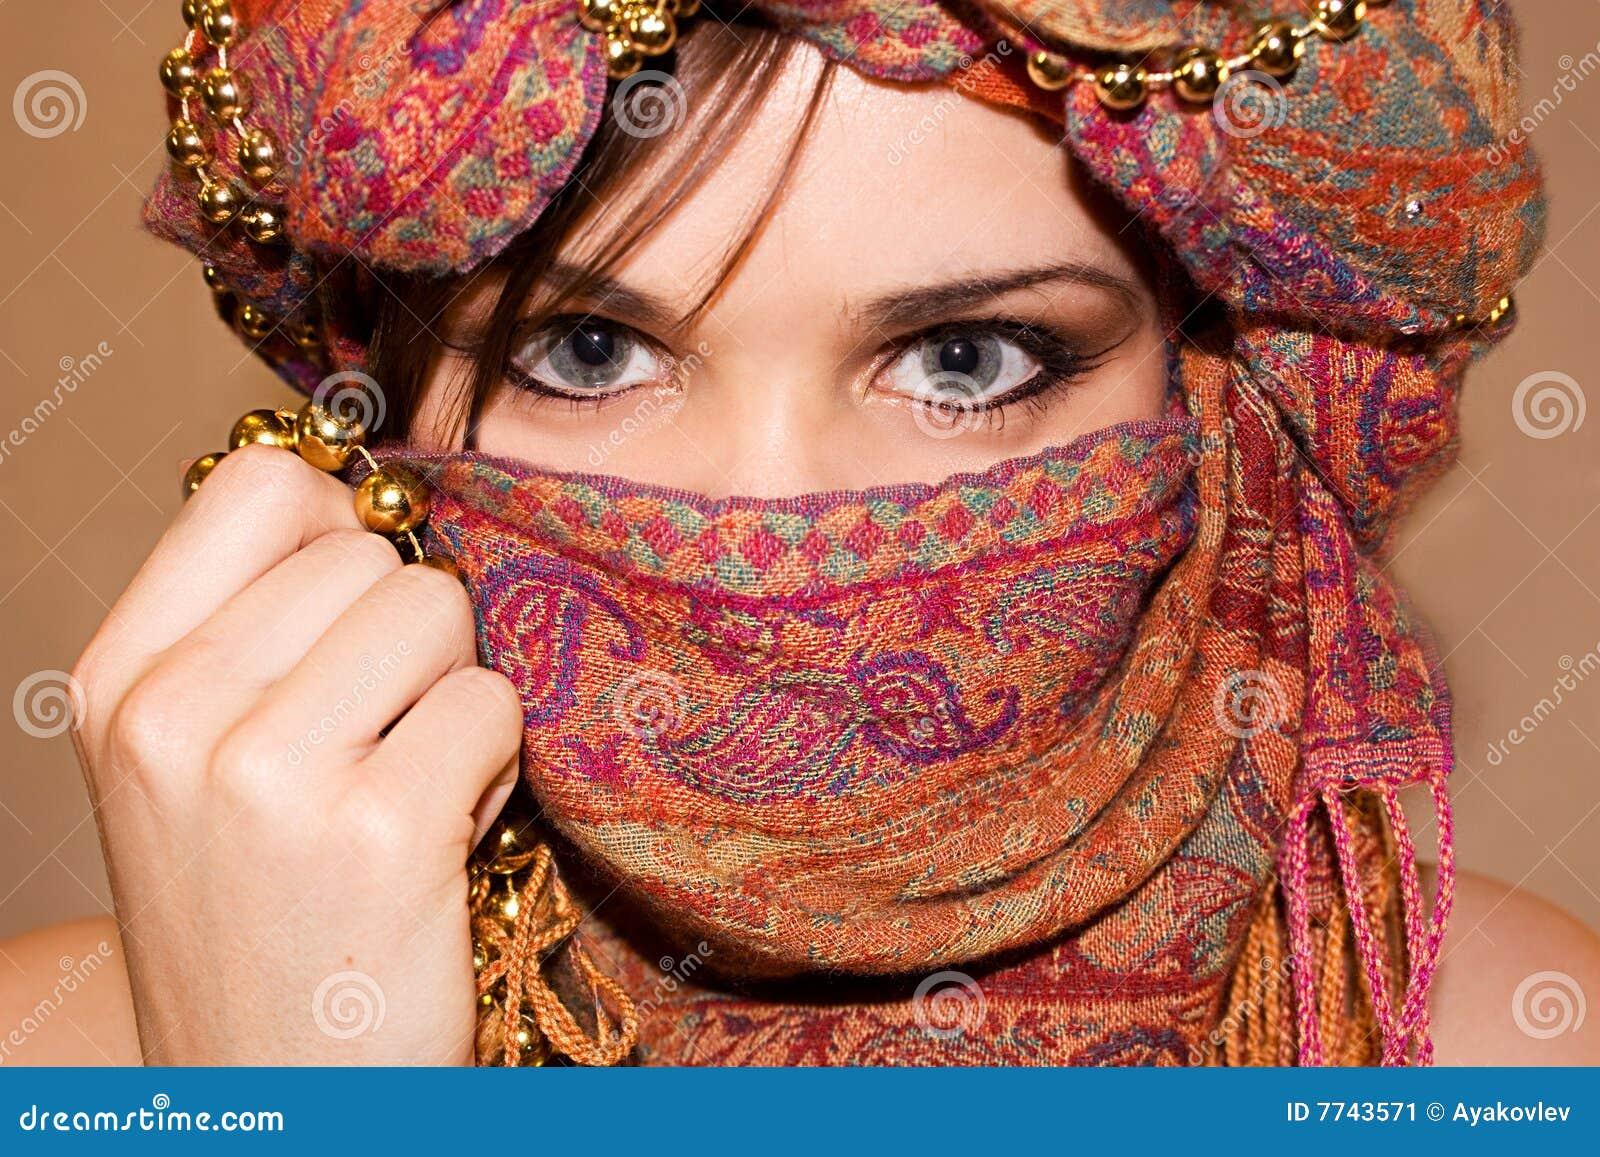 Gesicht des arabischen mädchens mit ausdrucksvollen augen